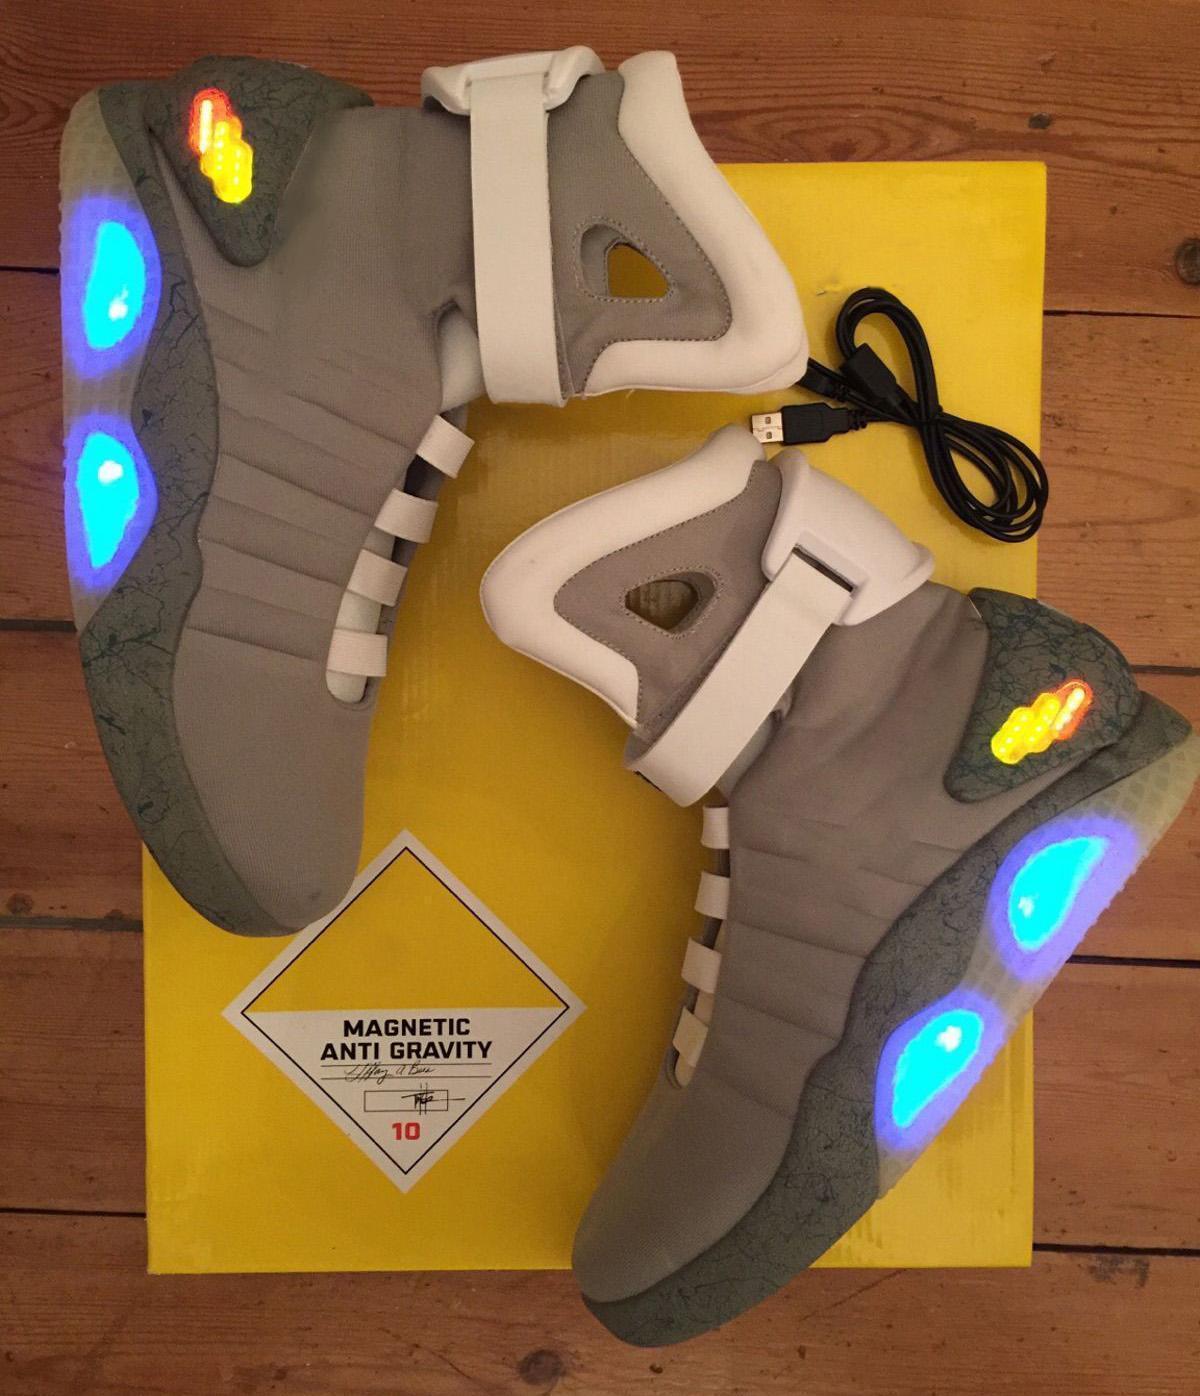 Nike Shoes LED automática Laces Air Mag Back To The Future brilham no escuro Grey Sneakers Marty McFly do iluminando Mags Preto Botas Vermelho Com Box